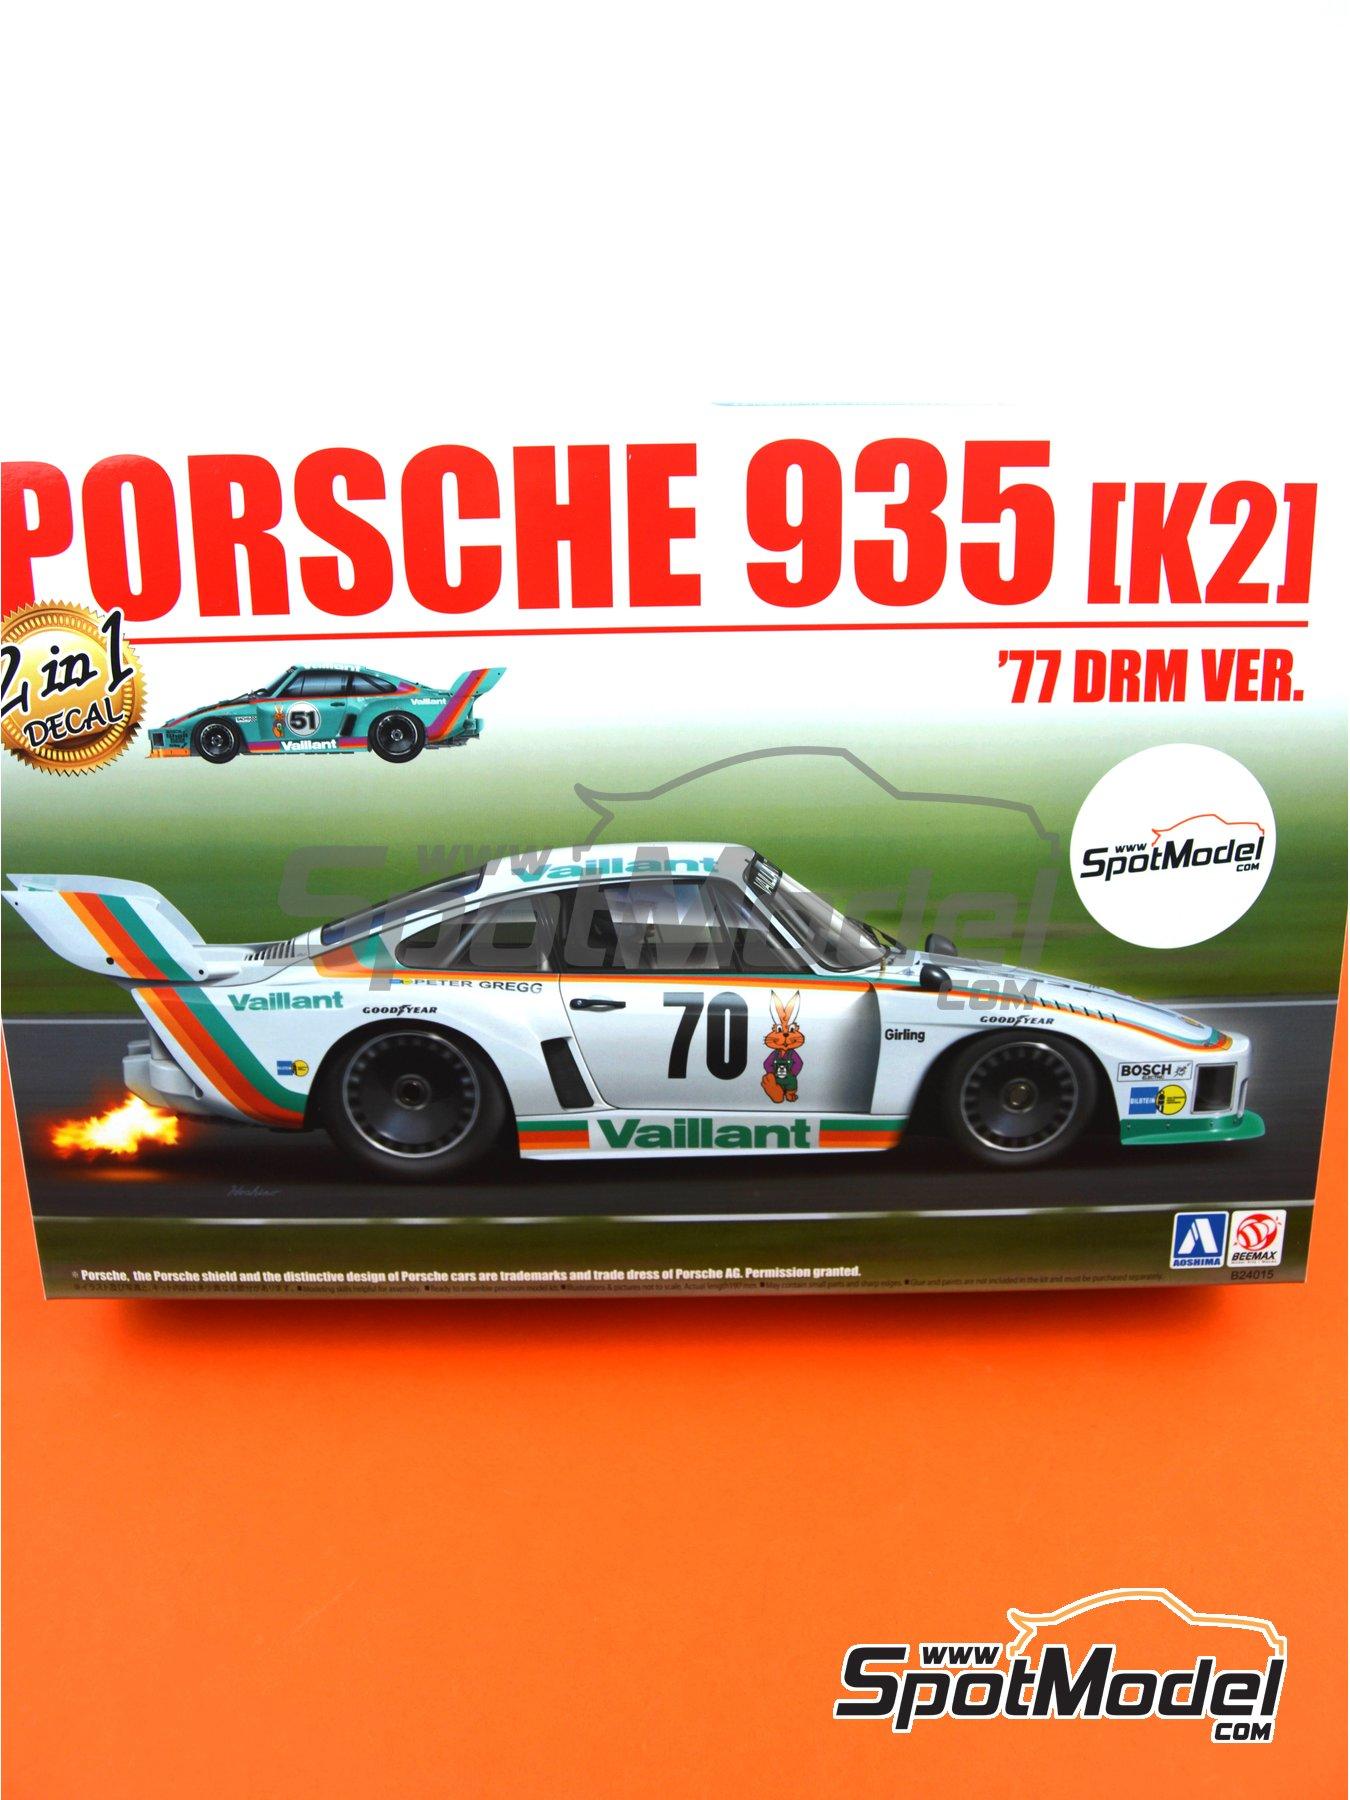 Porsche 935 K2 Kremer Vaillant - 1000 kilómetros de Nürburgring 1970 | Maqueta de coche en escala1/24 fabricado por Beemax Model Kits (ref.B24015) image